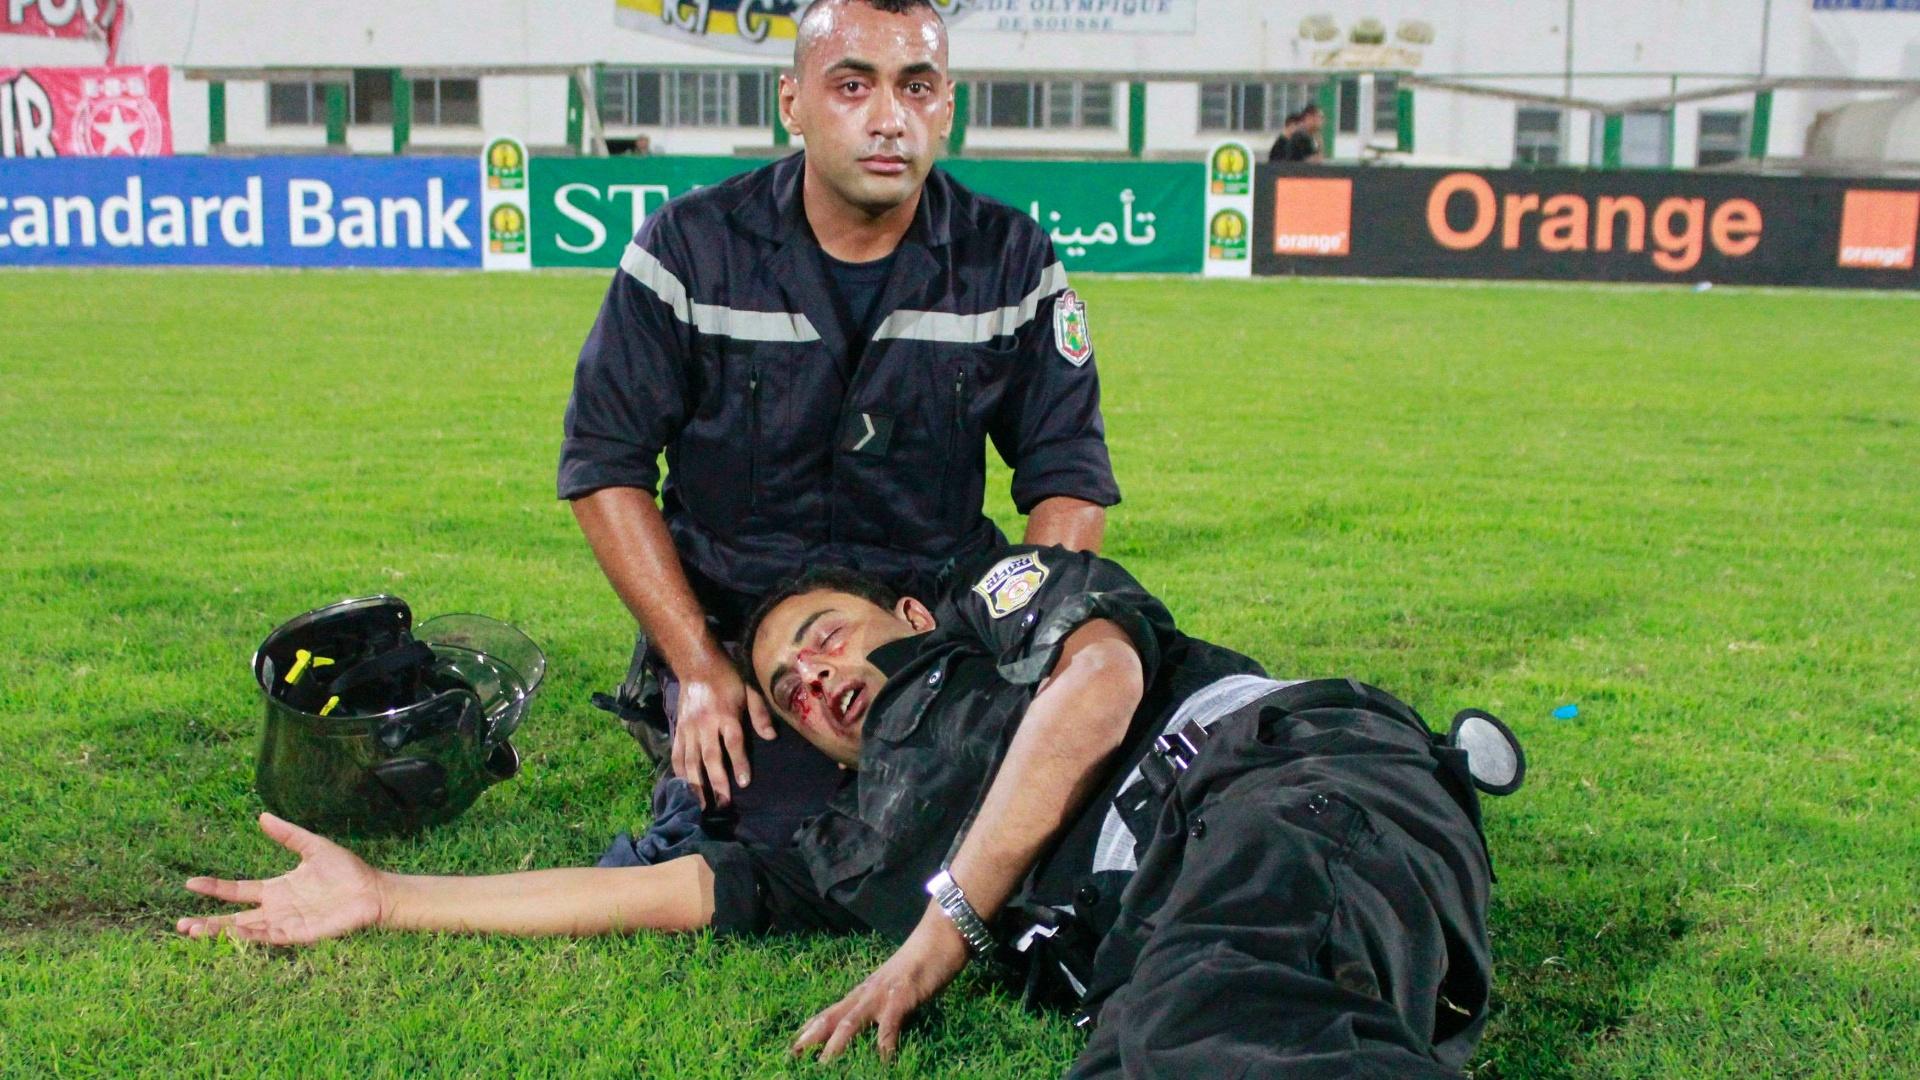 Policial fica ferido durante confronto com torcedores nas semifinais da Liga dos Campeões da África